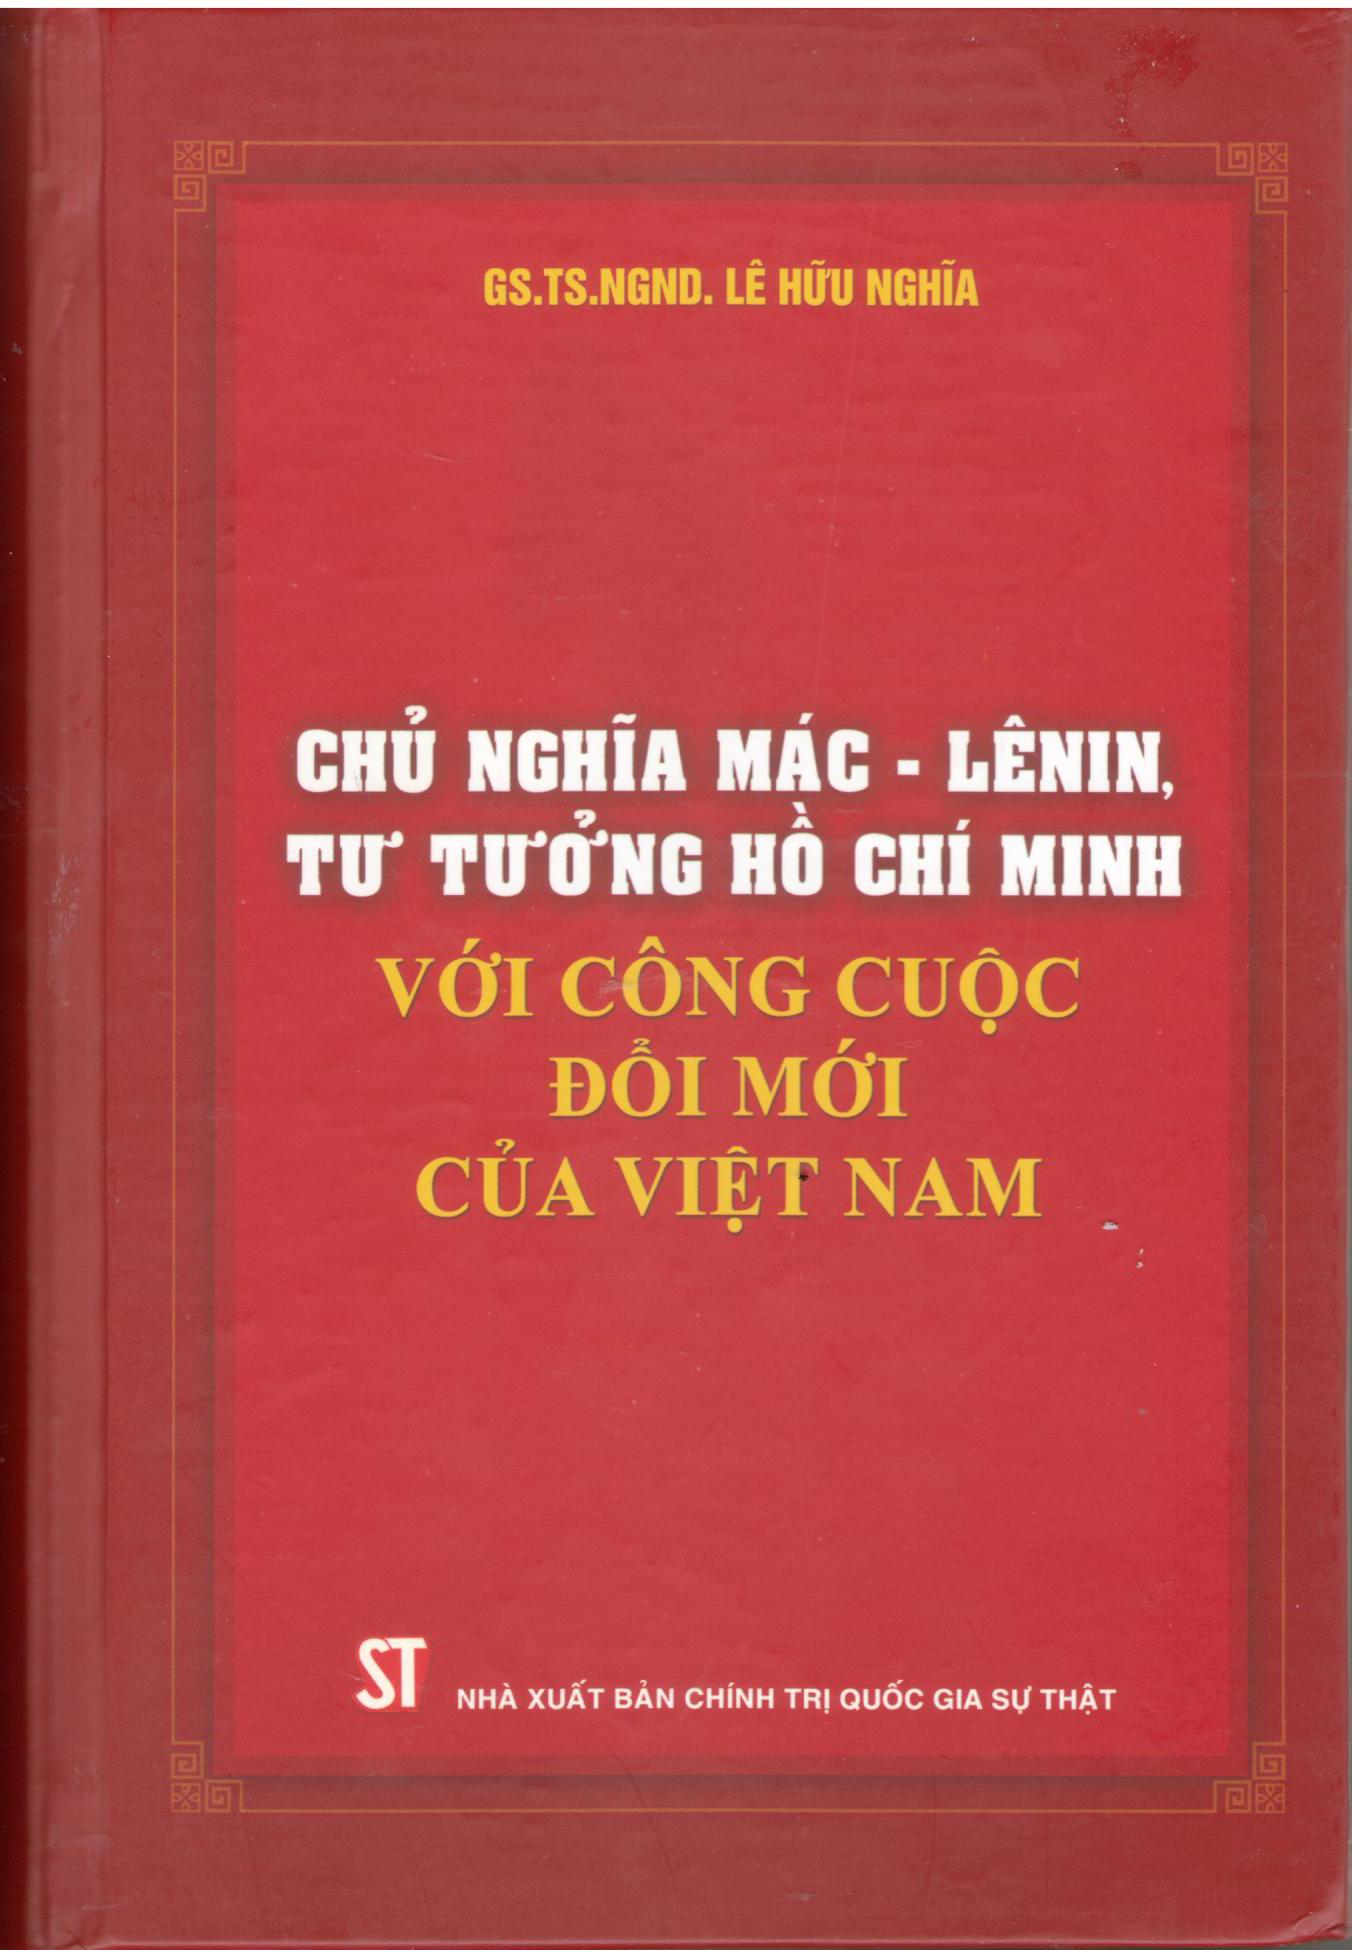 Chủ nghĩa Mác – Lênin, tư tưởng Hồ Chí Minh với công cuộc đổi mới của Việt Nam